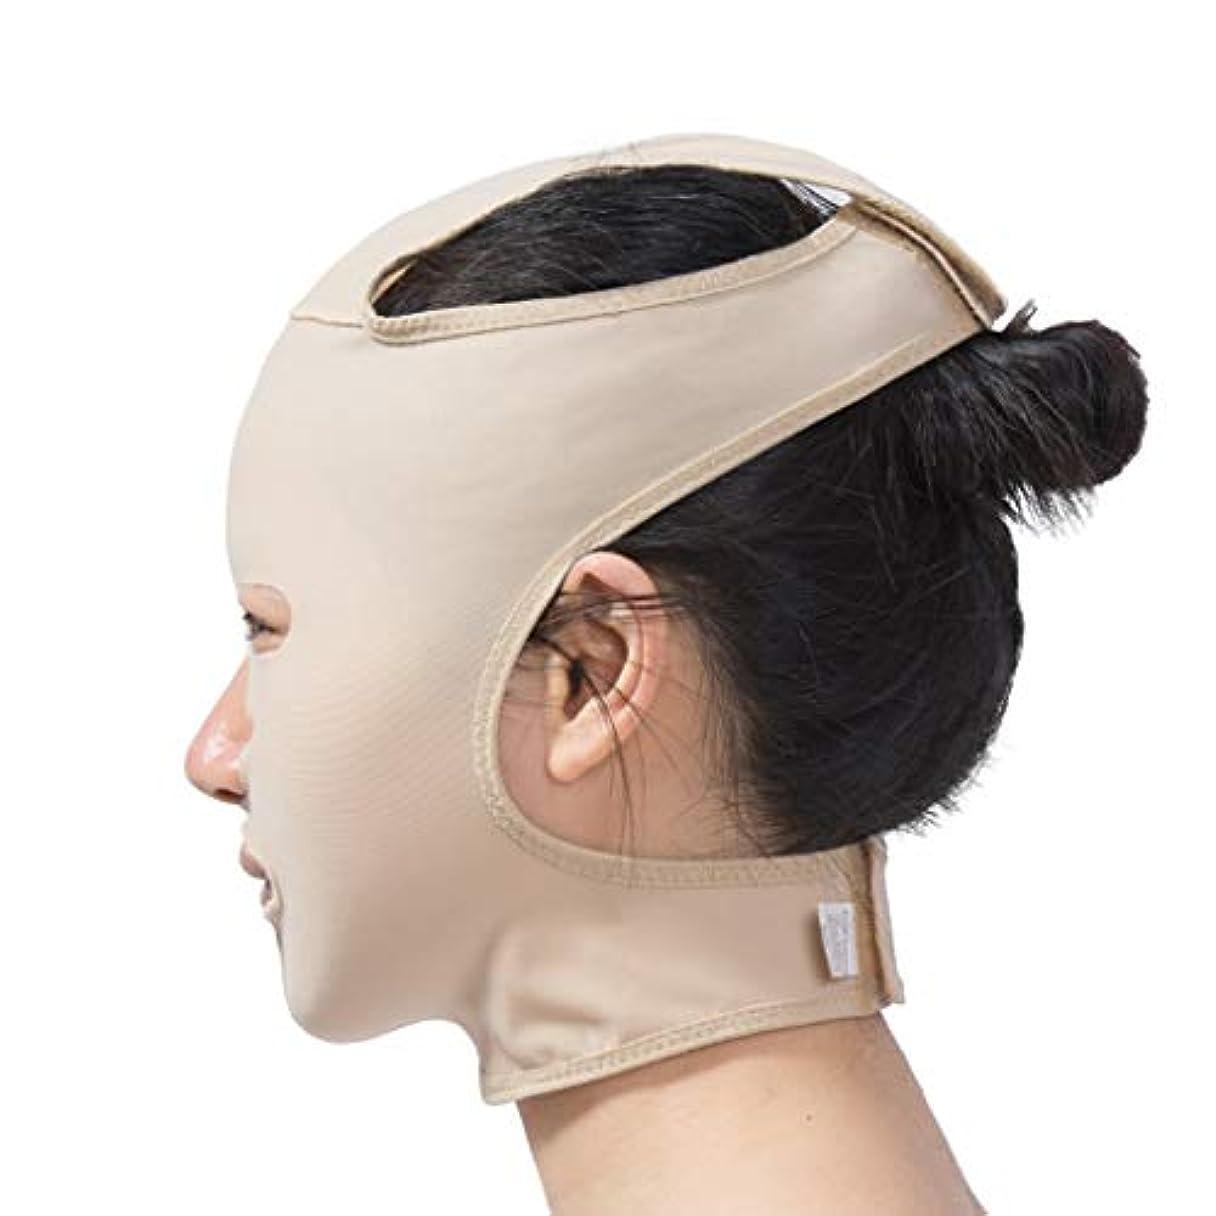 ニンニクちなみに洞察力のあるXHLMRMJ フェイスリフトマスク、フルフェイスマスク医療グレード圧力フェイスダブルチンプラスチック脂肪吸引術弾性包帯ヘッドギア後の顔の脂肪吸引術 (Size : XL)